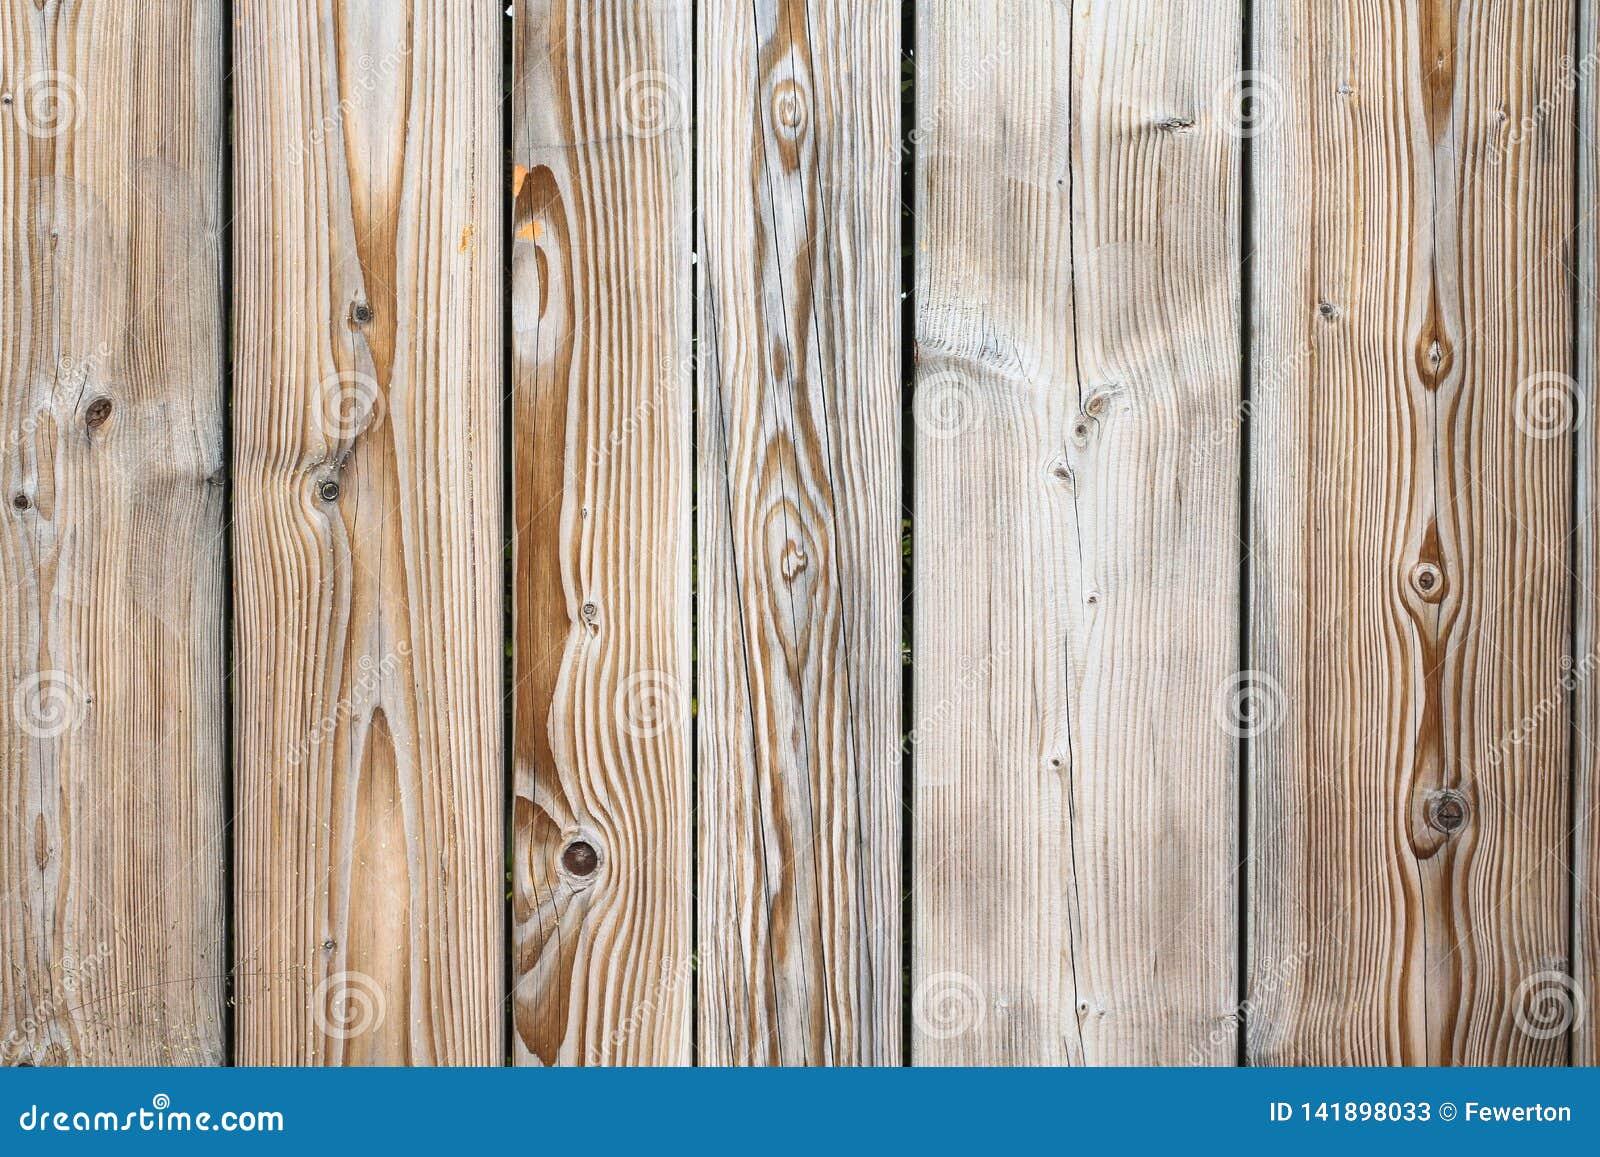 Viejo fondo de madera Fondo superficial de madera marrón claro sucio y resistido rústico de la textura del tablón de la pared